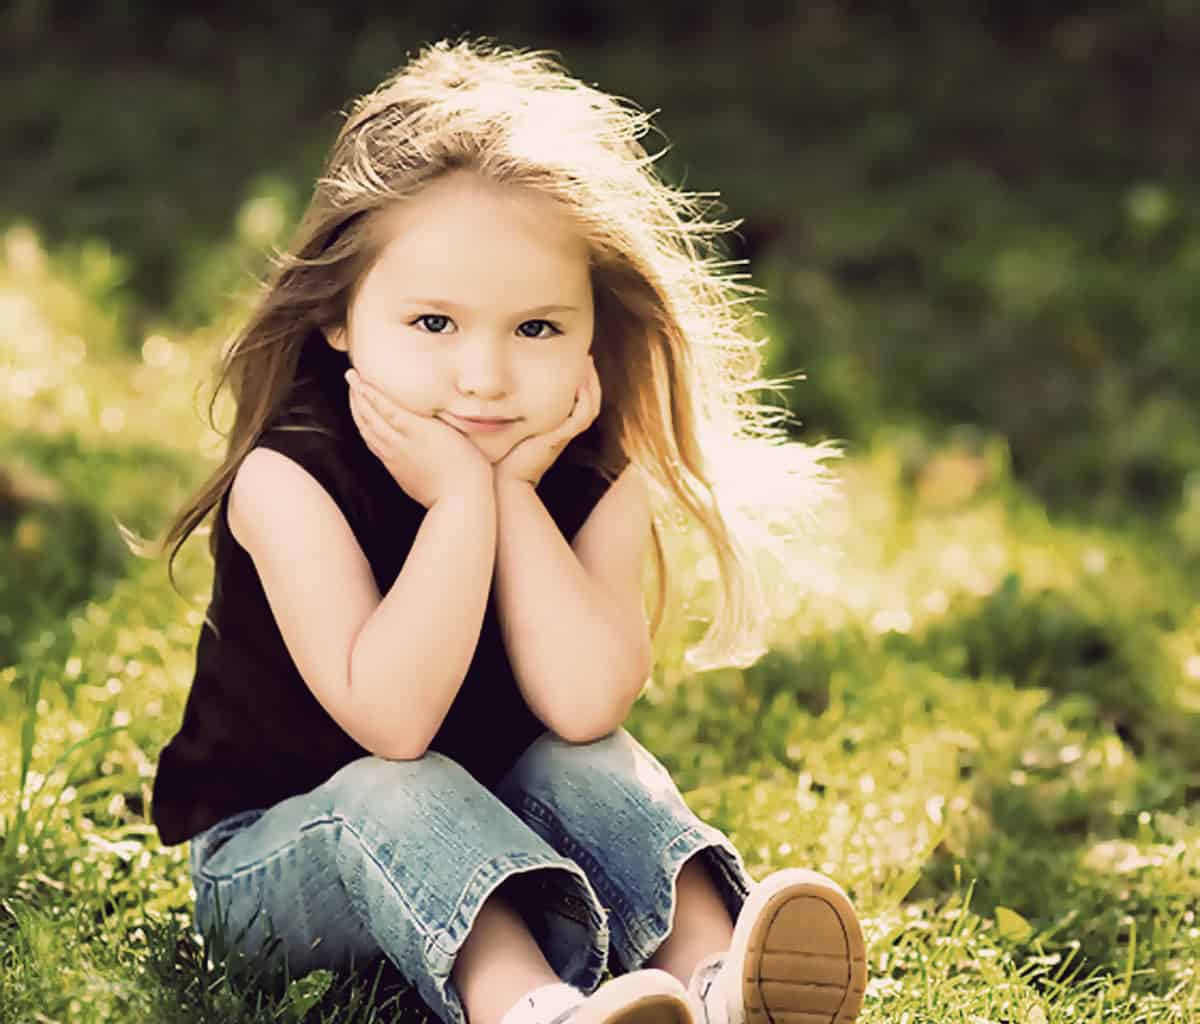 صورة تفسير حلم البنت الصغيره لغير المتزوجه , ما معنى البنت الصغيره فى الحلم لغير المتزوجه